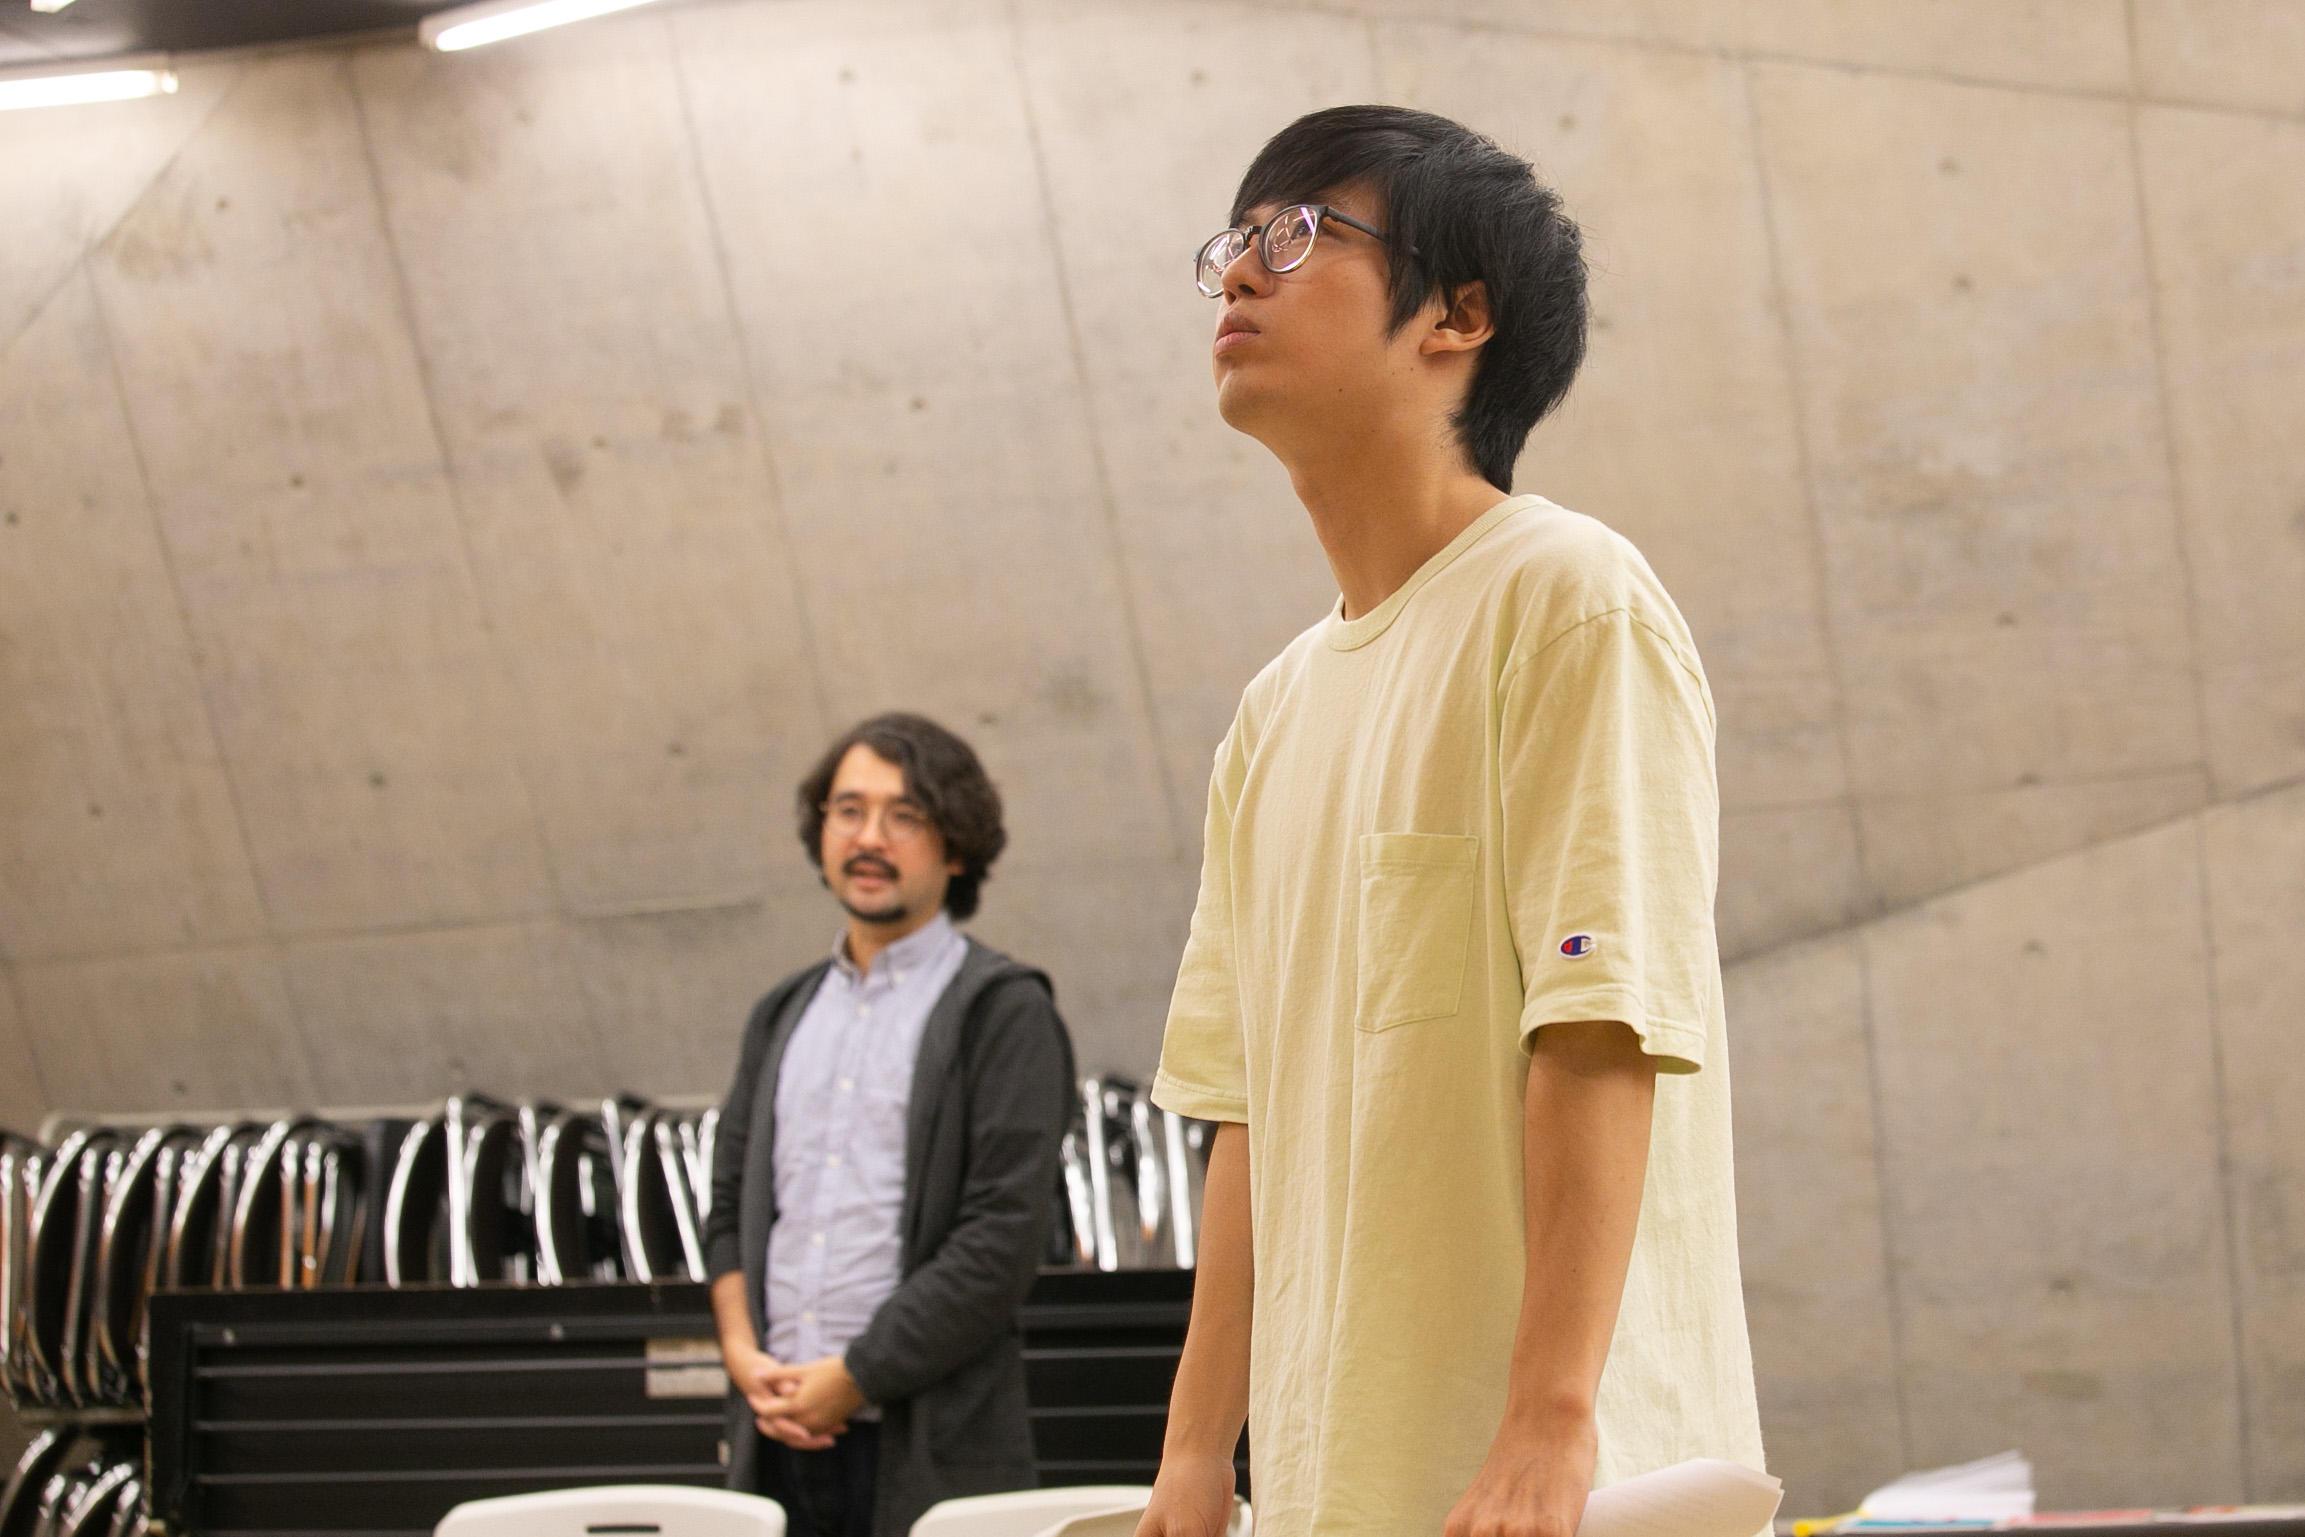 http://news.yoshimoto.co.jp/20181002194245-abc517246e83e381d4d7965600b7d324f54ee04e.jpg